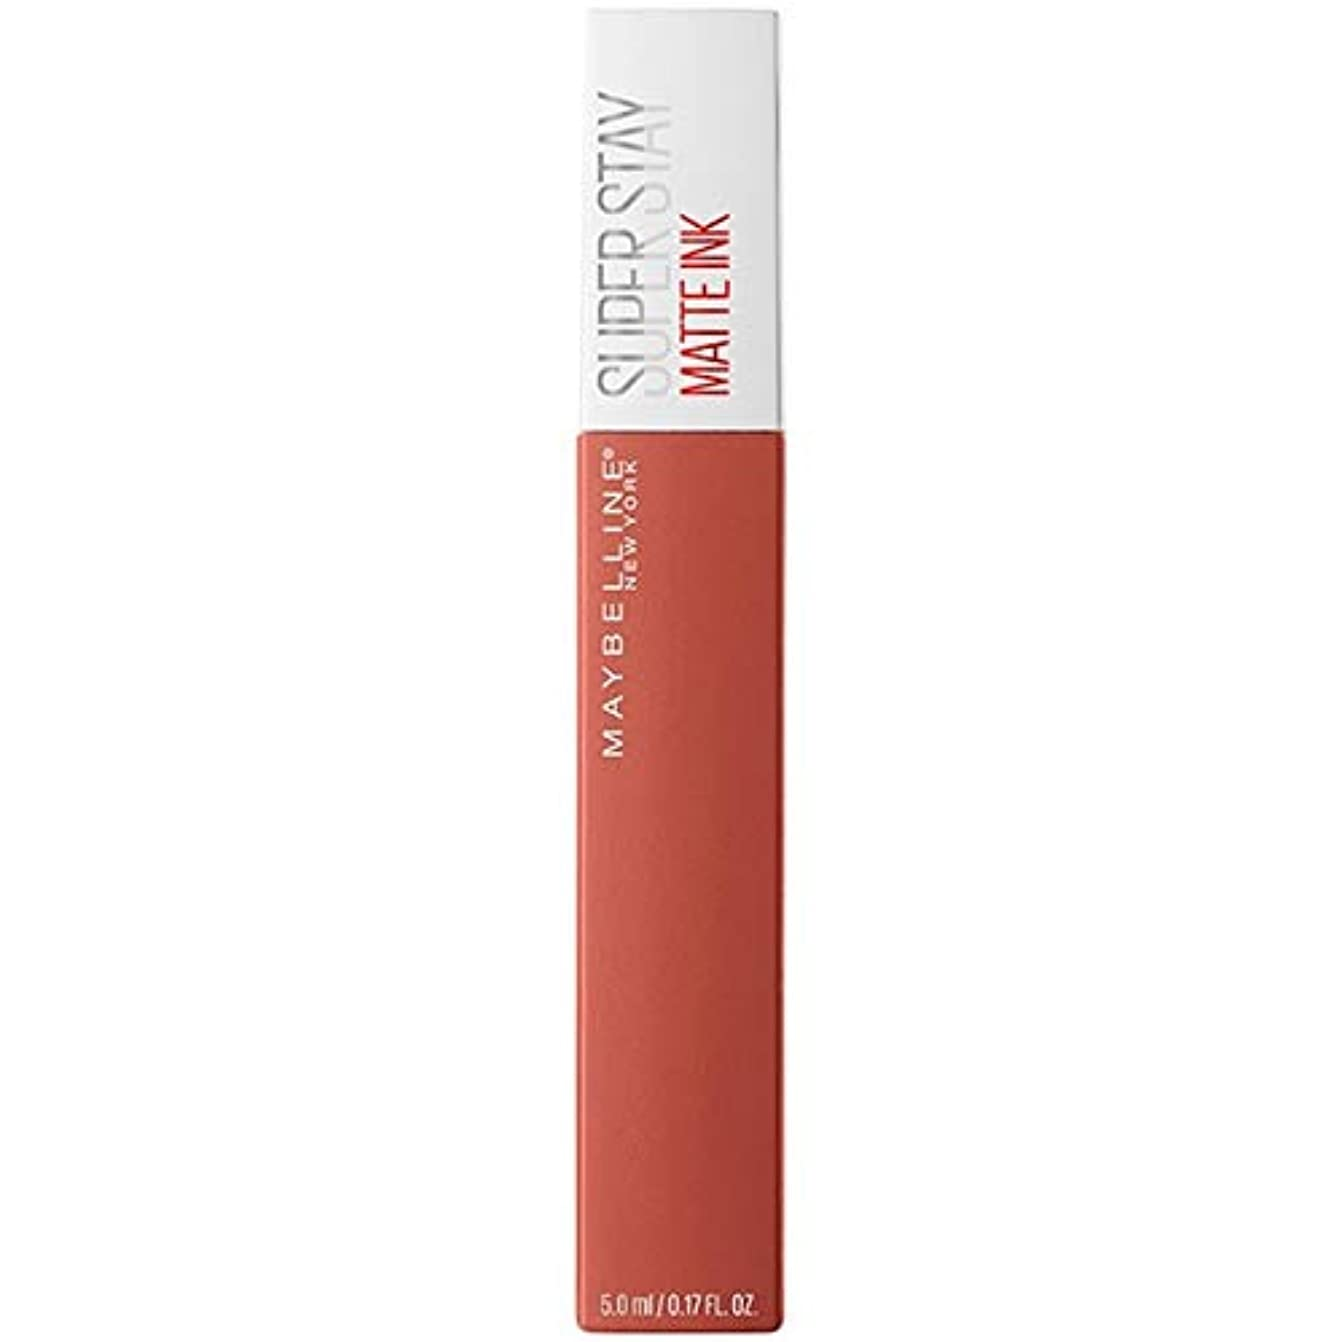 持っている自己尊重崩壊[Maybelline ] メイベリンSuperstayマットインク70アマゾン - Maybelline Superstay Matte Ink 70 Amazonian [並行輸入品]